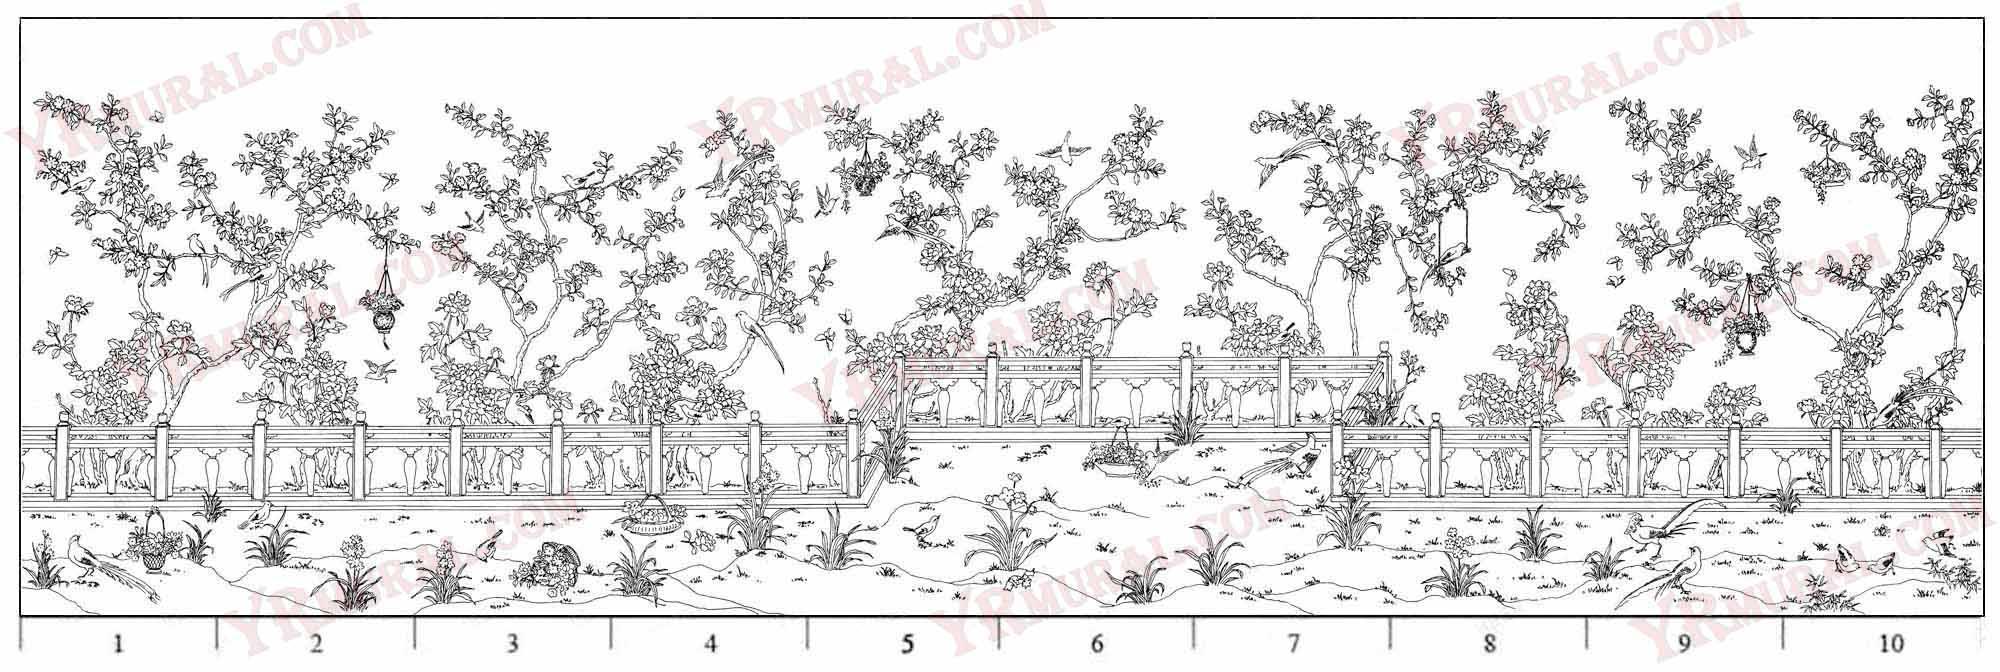 C-012 Blossom Gardens